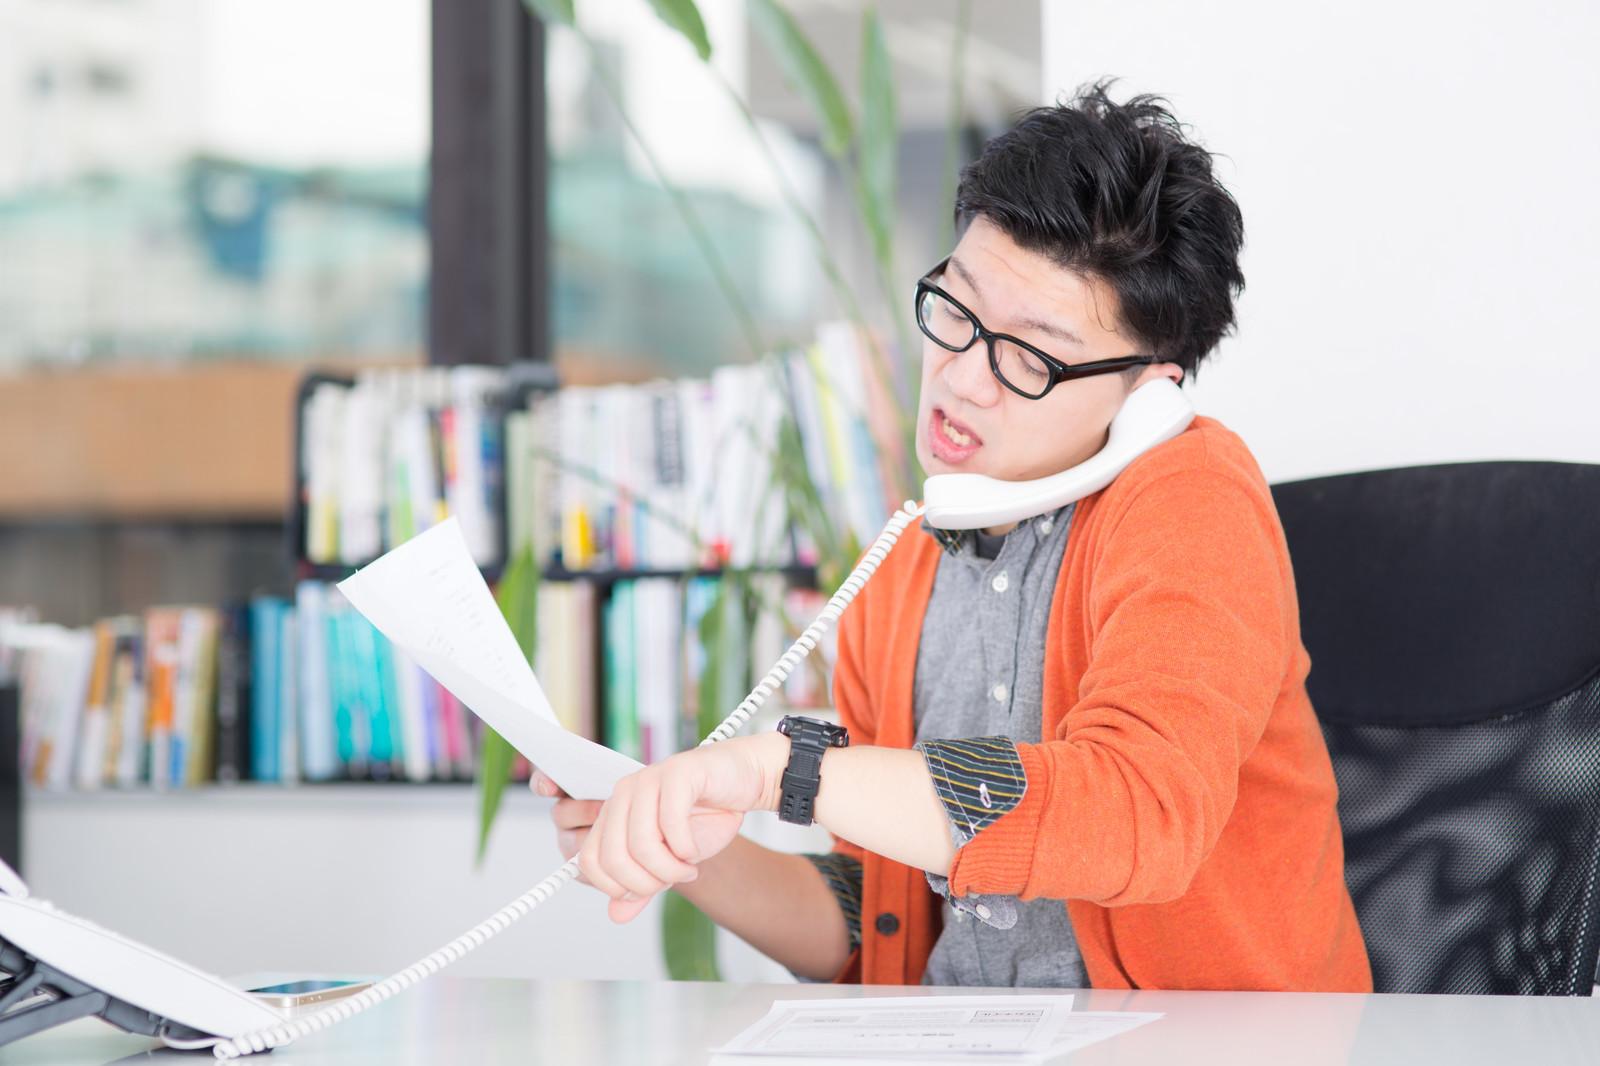 ストレスの少ない仕事、ストレスが多い仕事の特徴